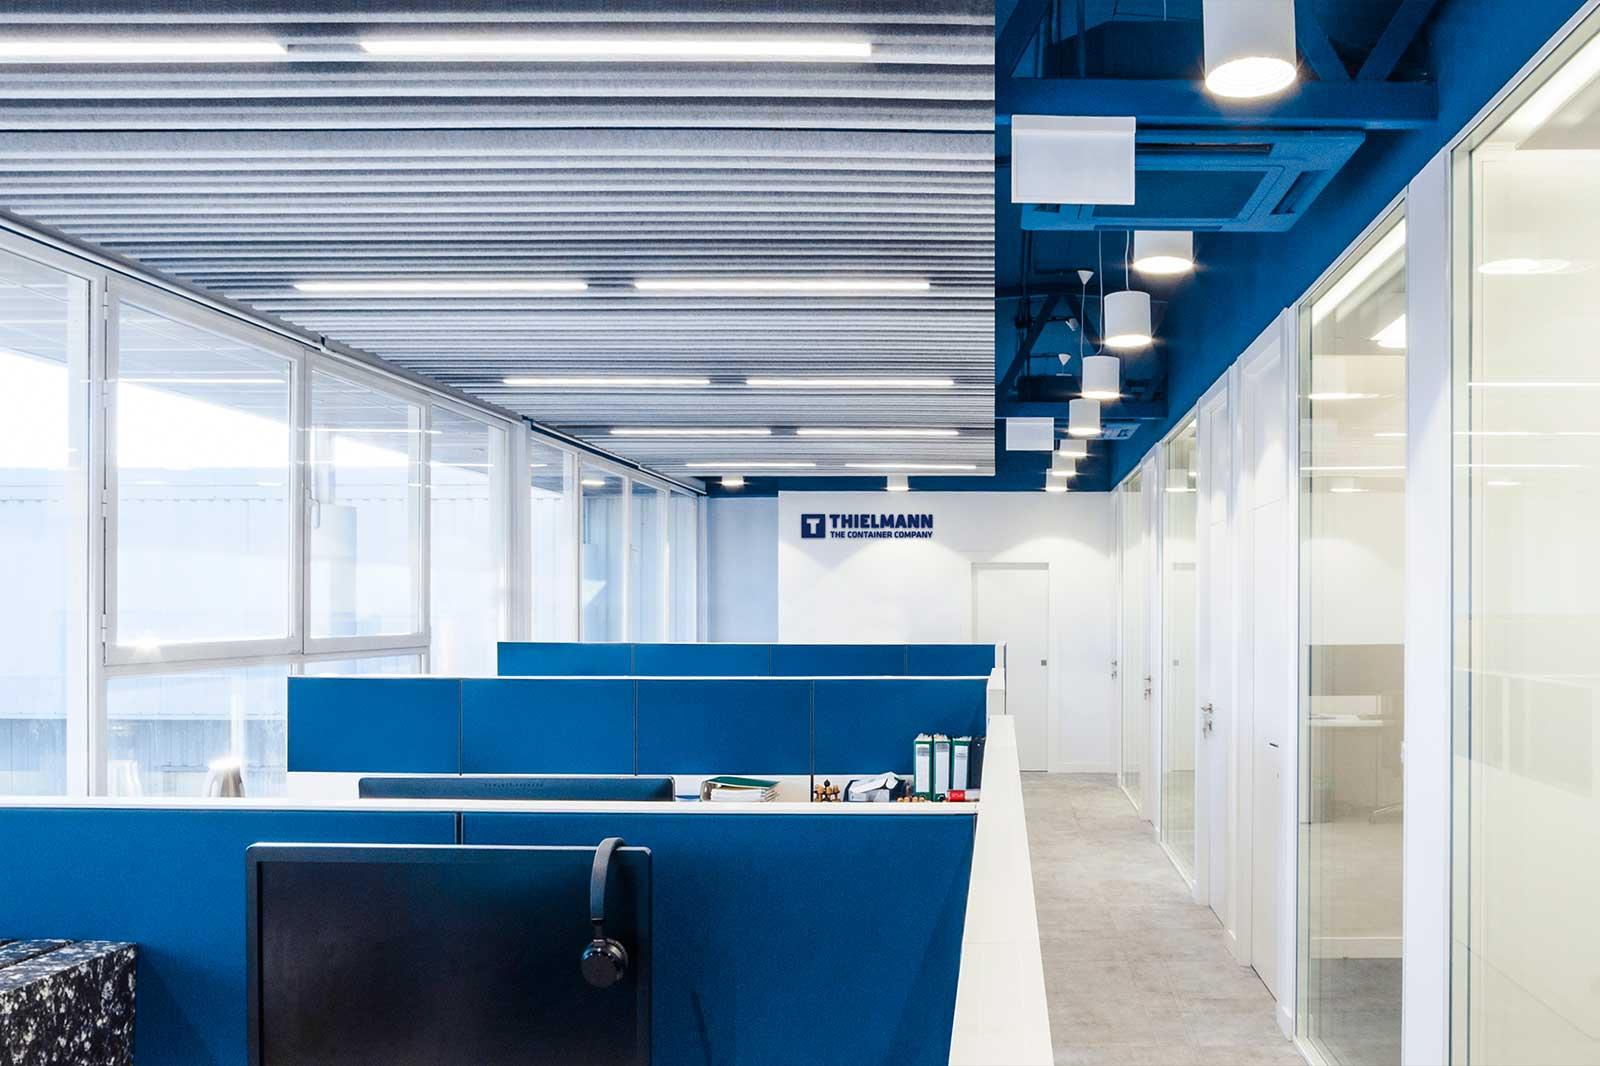 Branding espacial en oficinas.